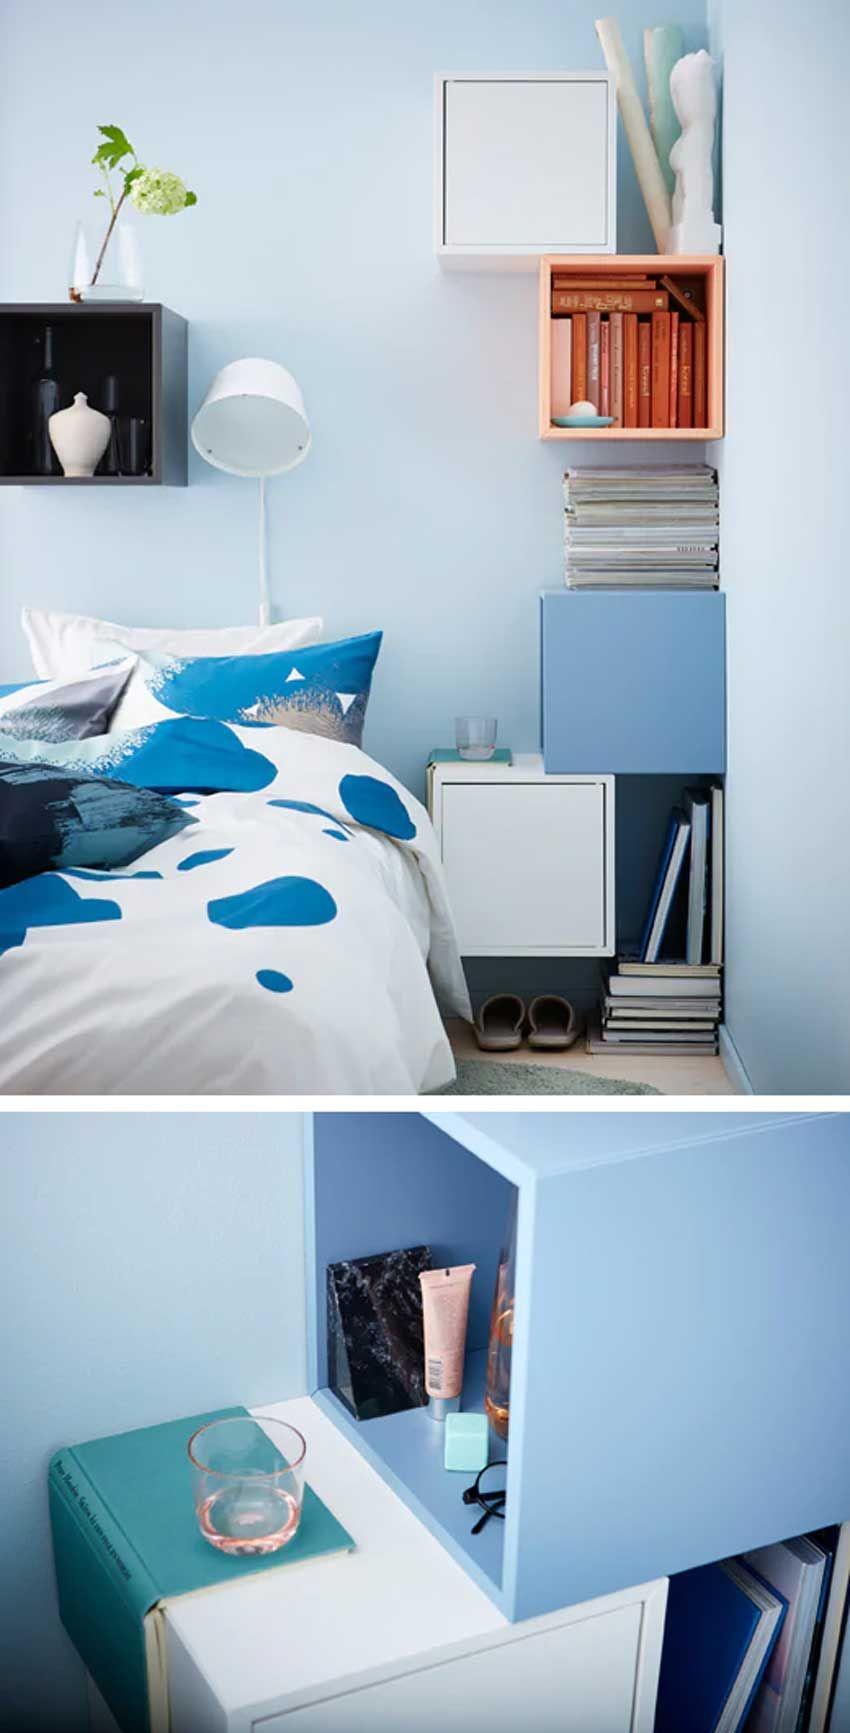 Mensole IKEA: 15 modi di utilizzarle in modo furbo per arredare ...